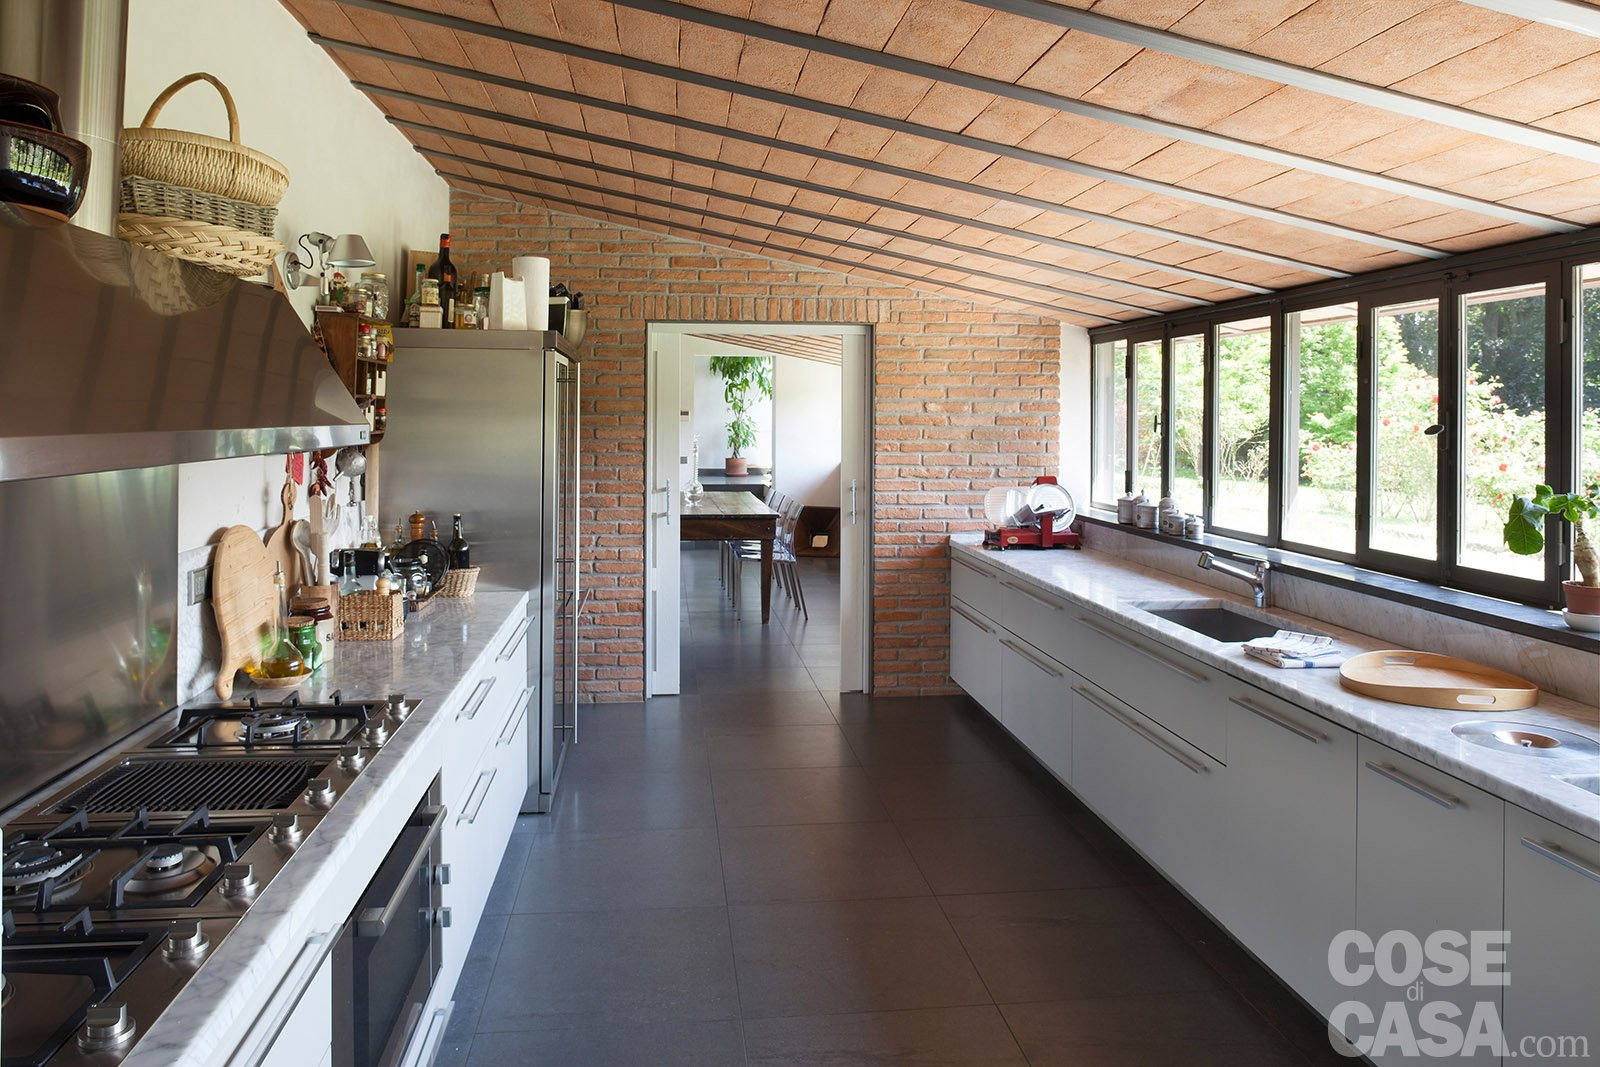 Cucina soggiorno open space rustico idee per il design - Lunghezza cucina ...